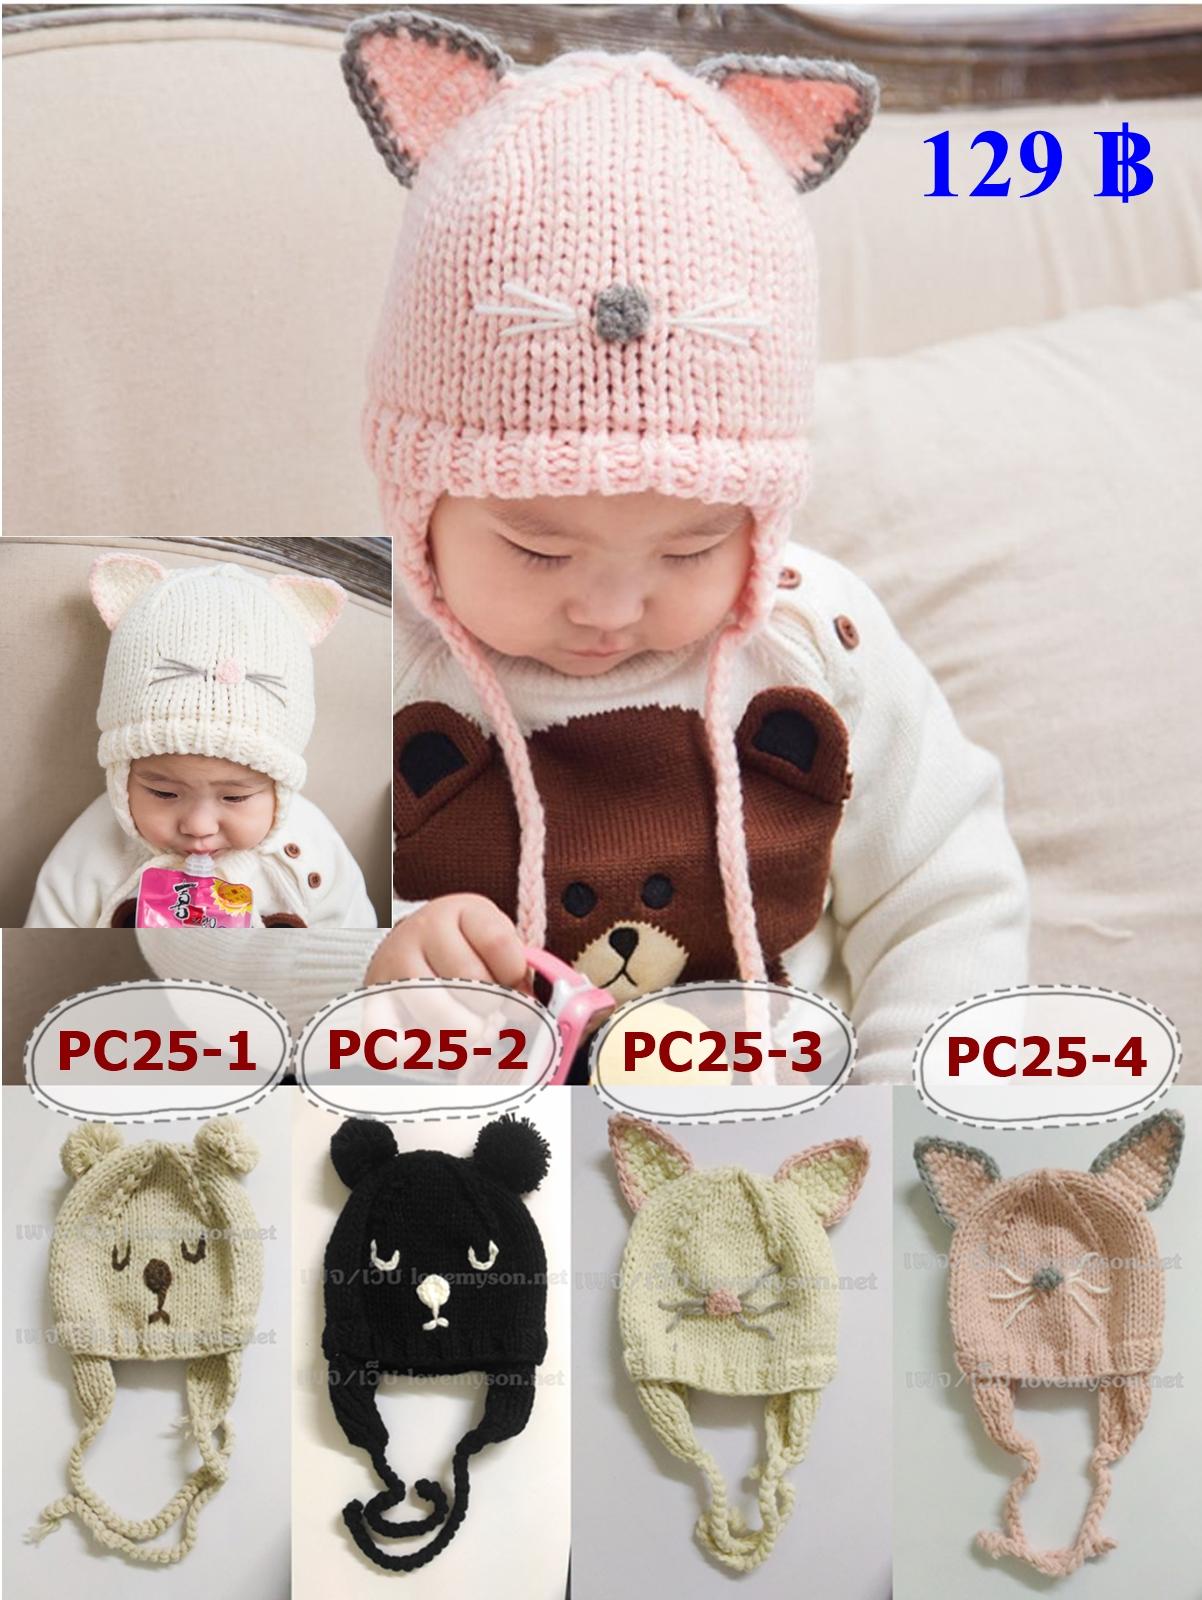 หมวกไหมพรมปิดหู PC28 ***เลือกด้านในค่ะ***